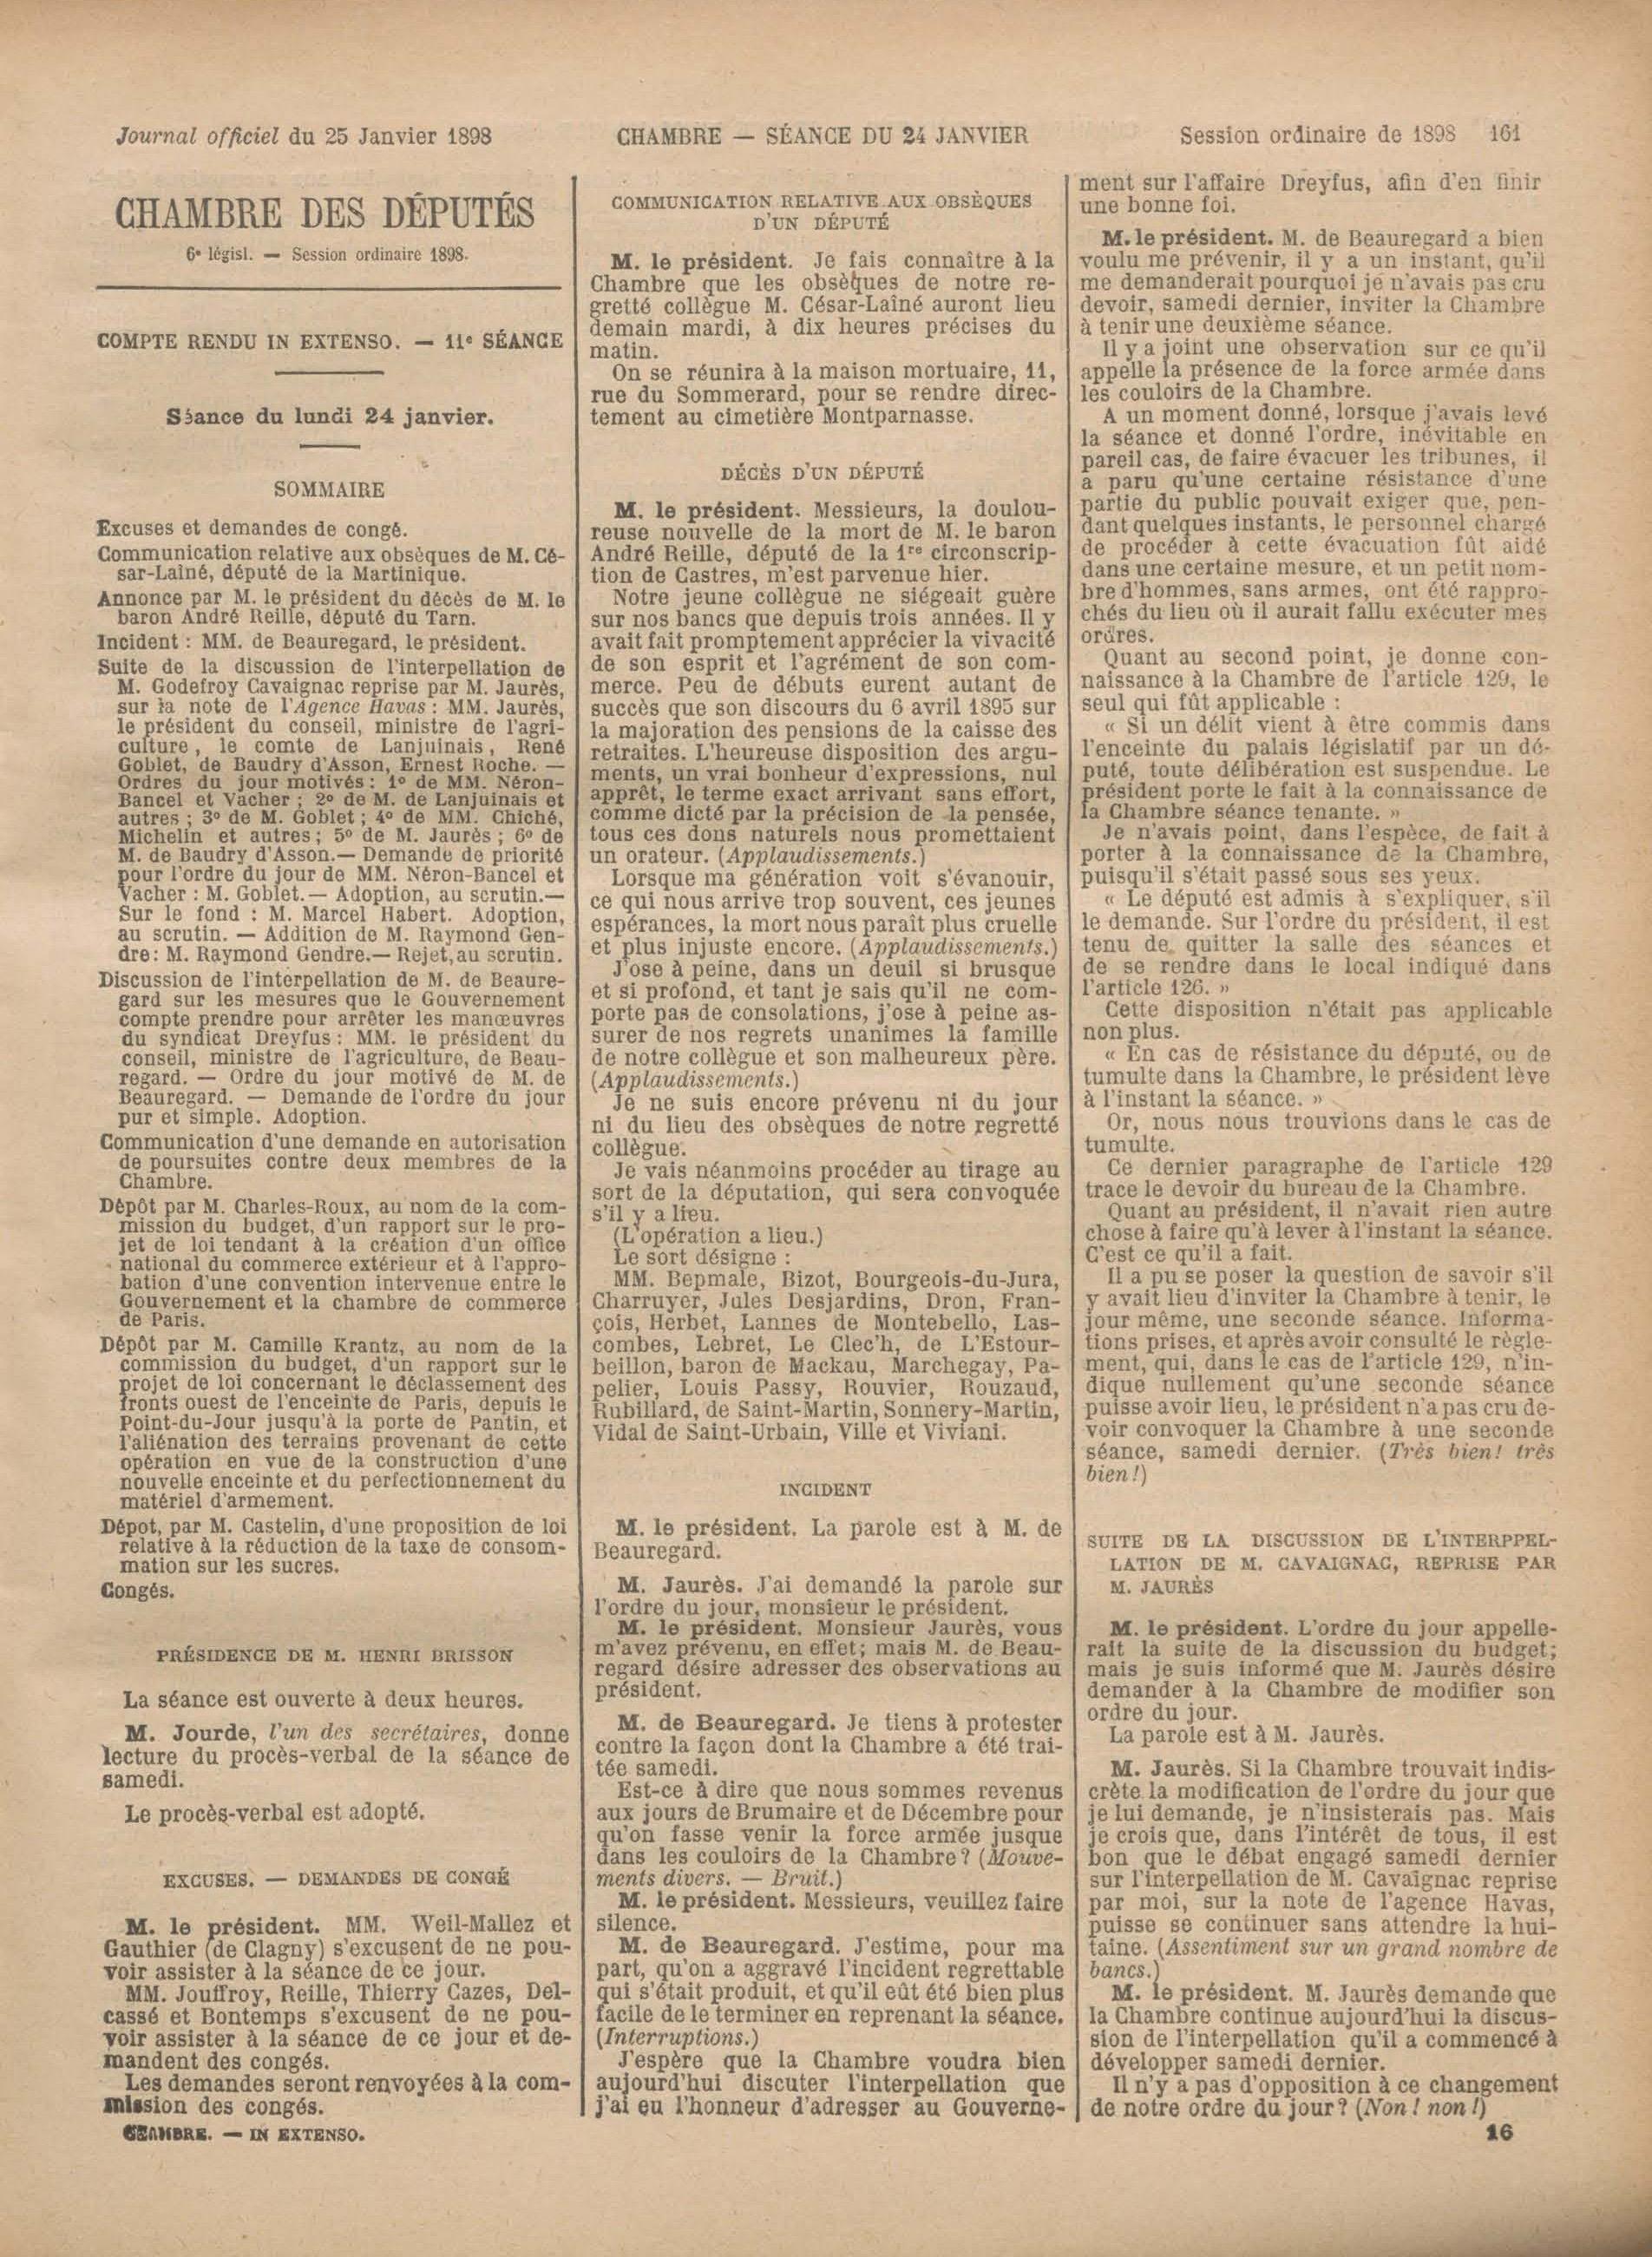 http://expo-paulviollet.univ-paris1.fr/wp-content/uploads/2017/09/Journal_officiel_de_la_République_séance-du-lundi-24-janvier-1898_Page_01.jpg